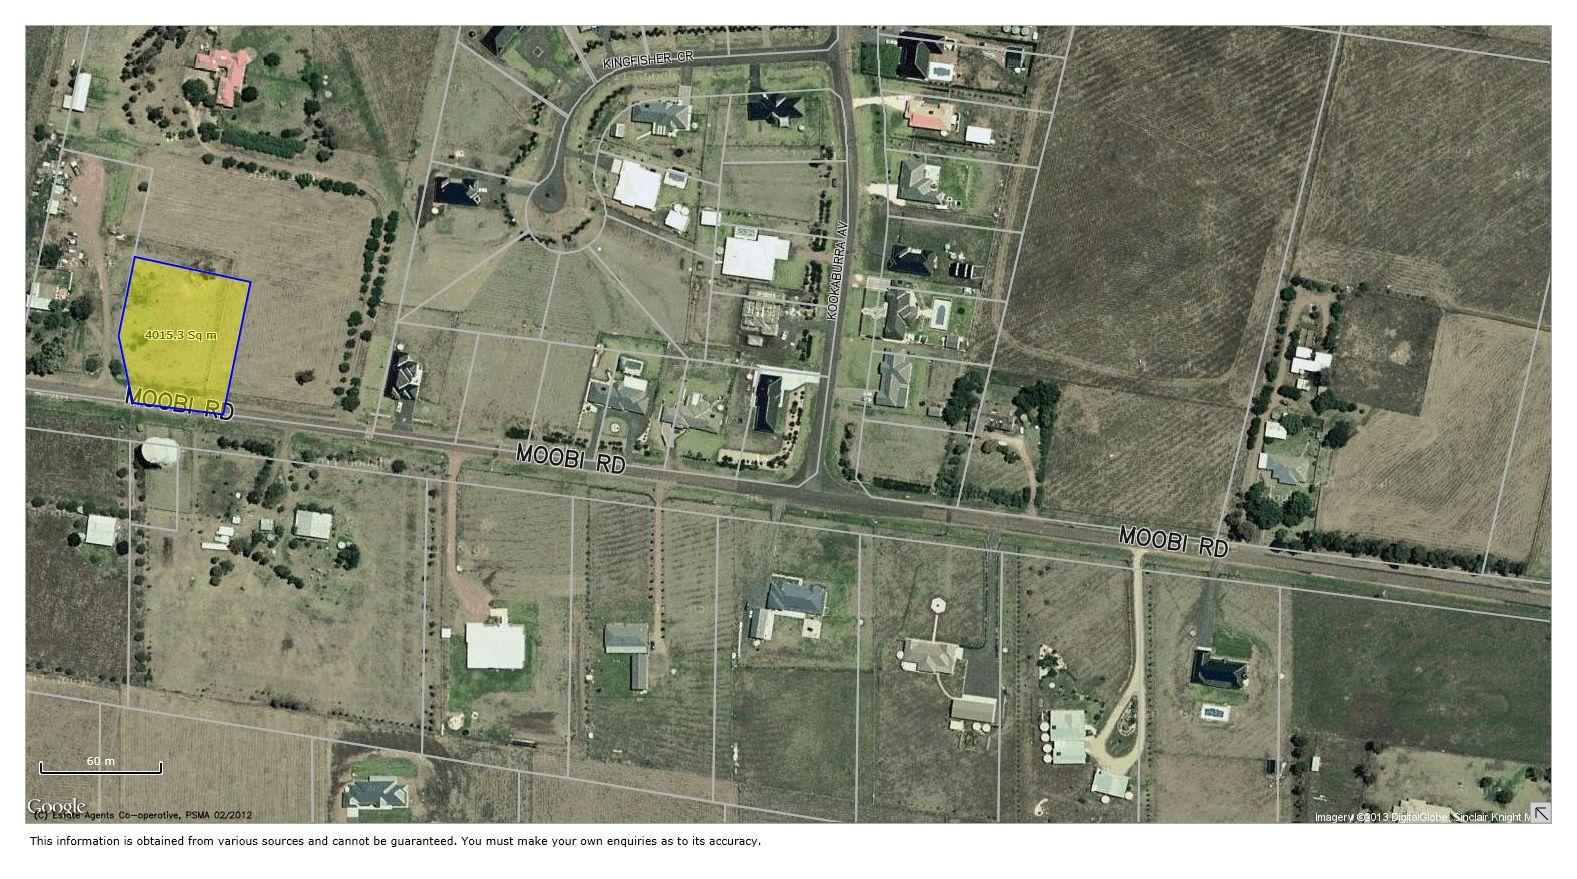 Lot 102 Moobi Road, Scone NSW 2337, Image 2